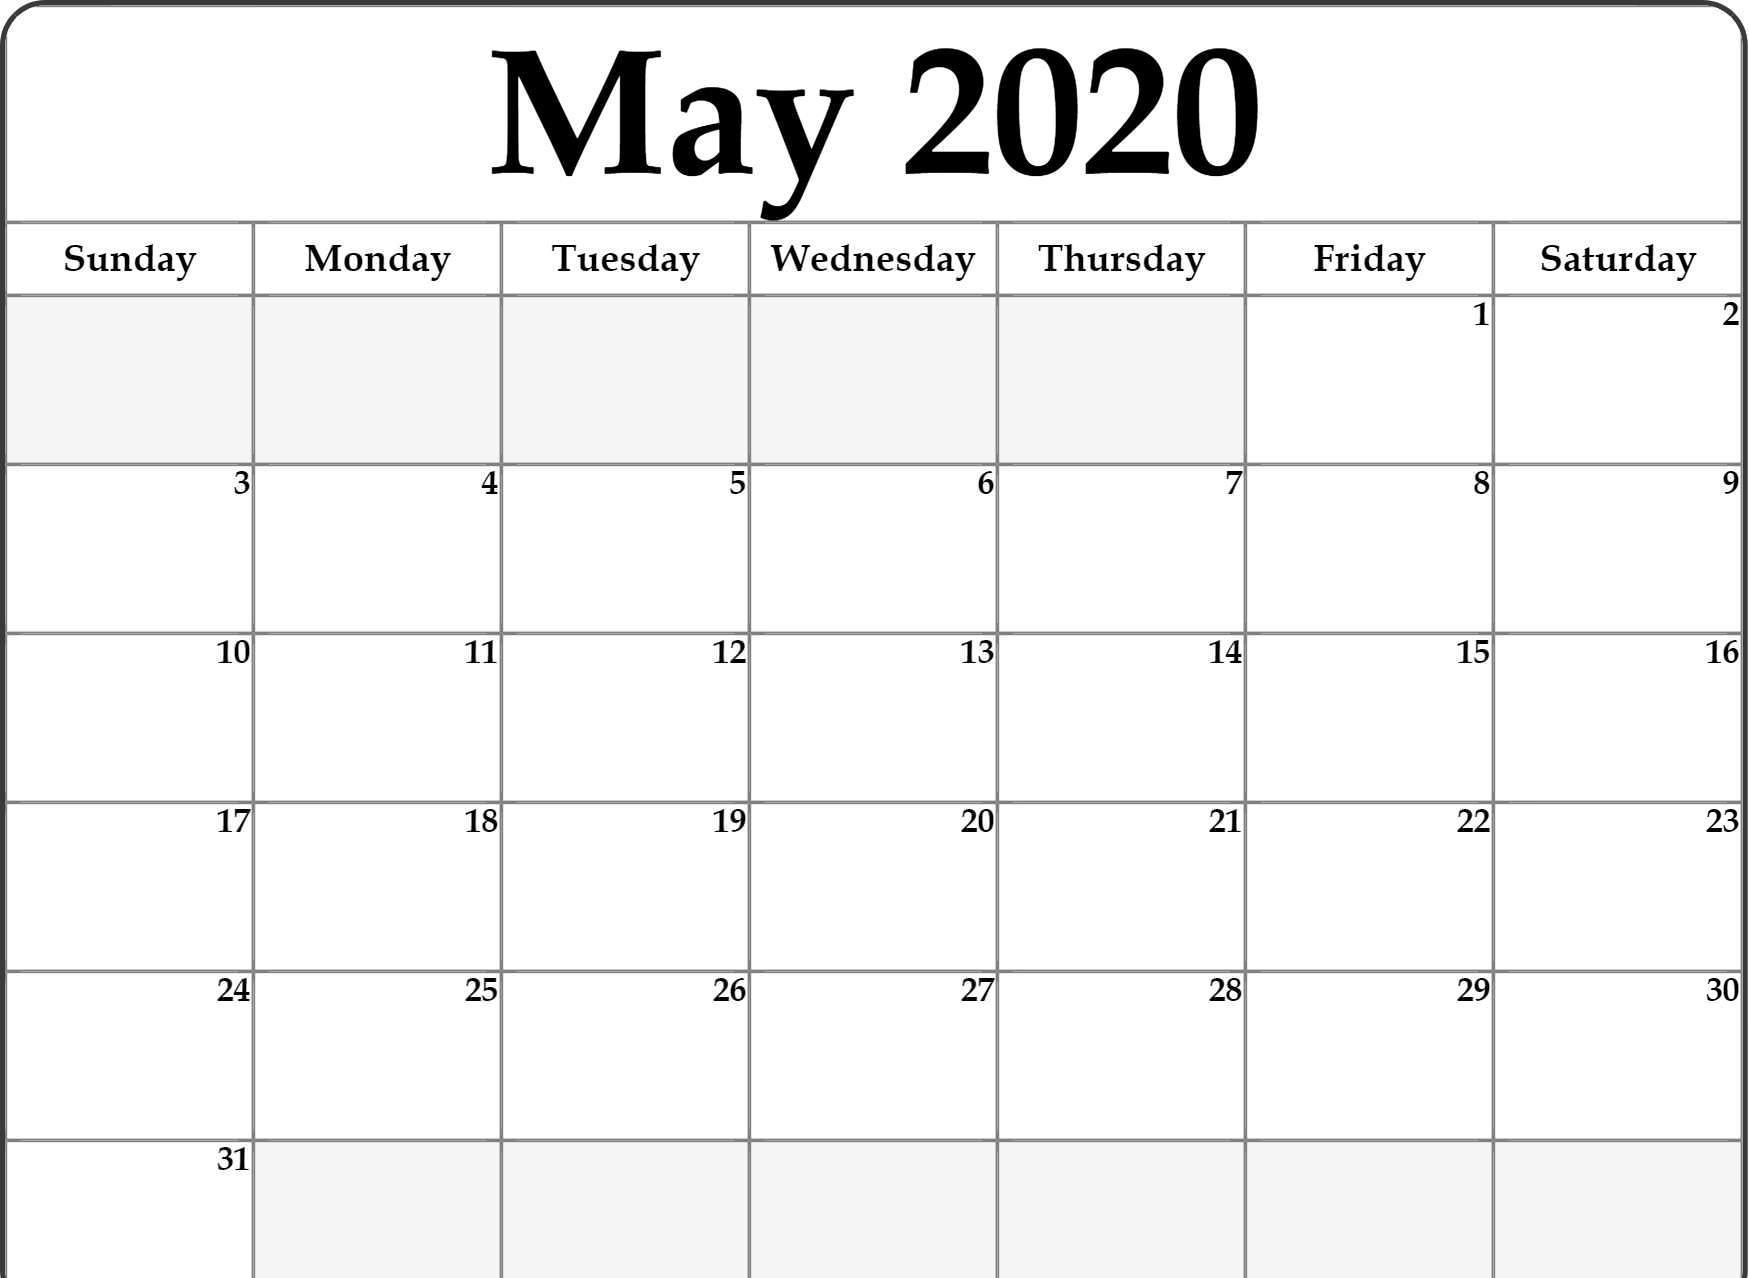 Fillable May 2020 Calendar Editable Printable Notes To Do throughout 2020 Printable Fill In Calendar